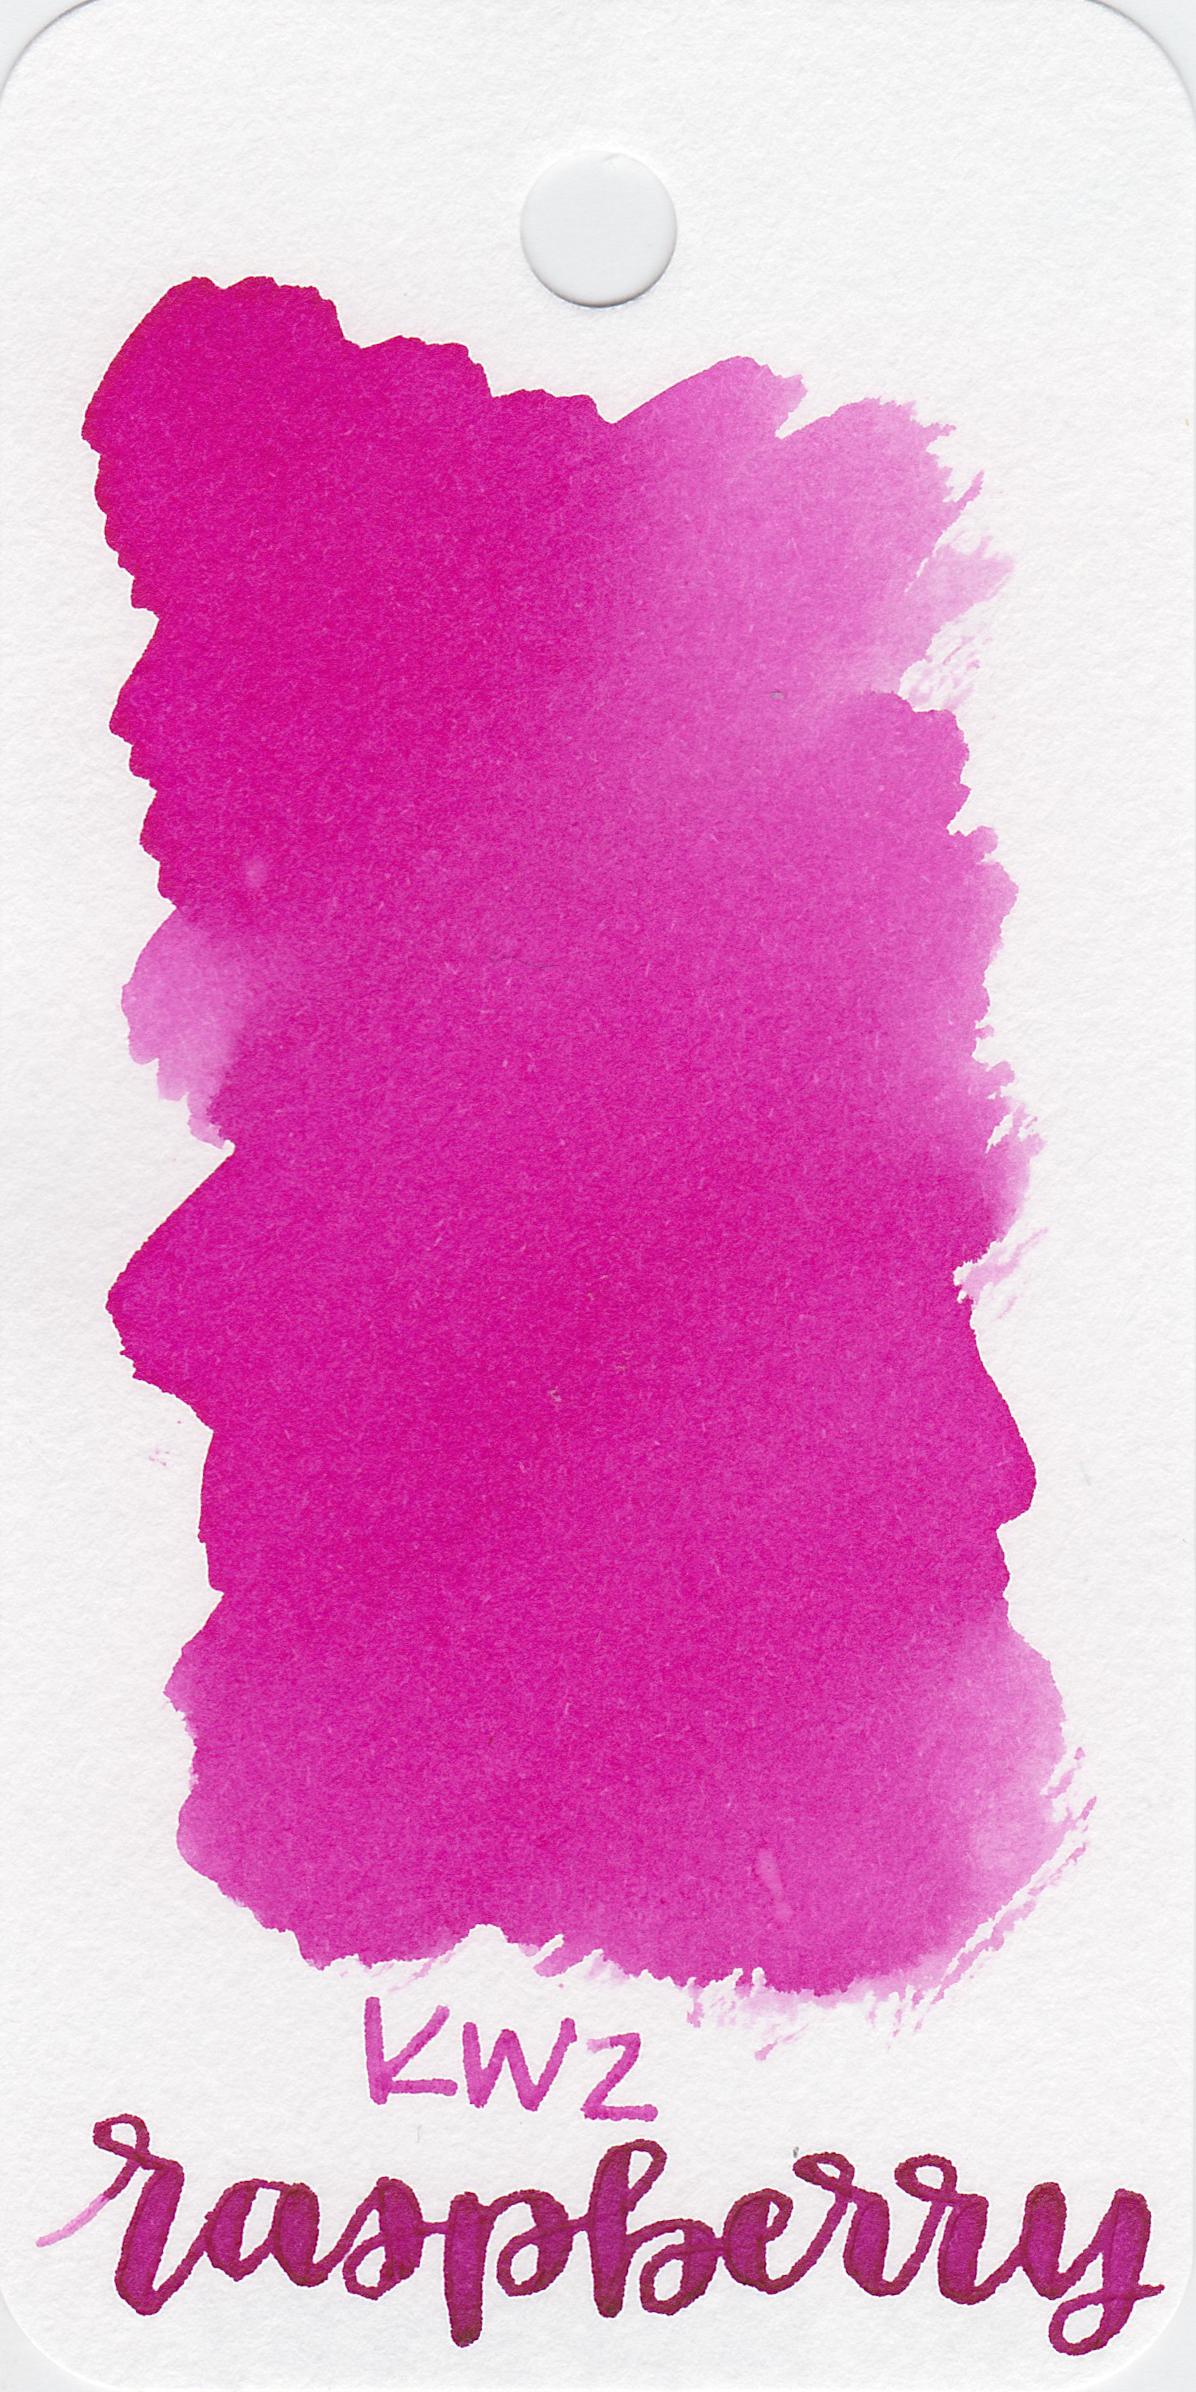 kwz-raspberry-1.jpg